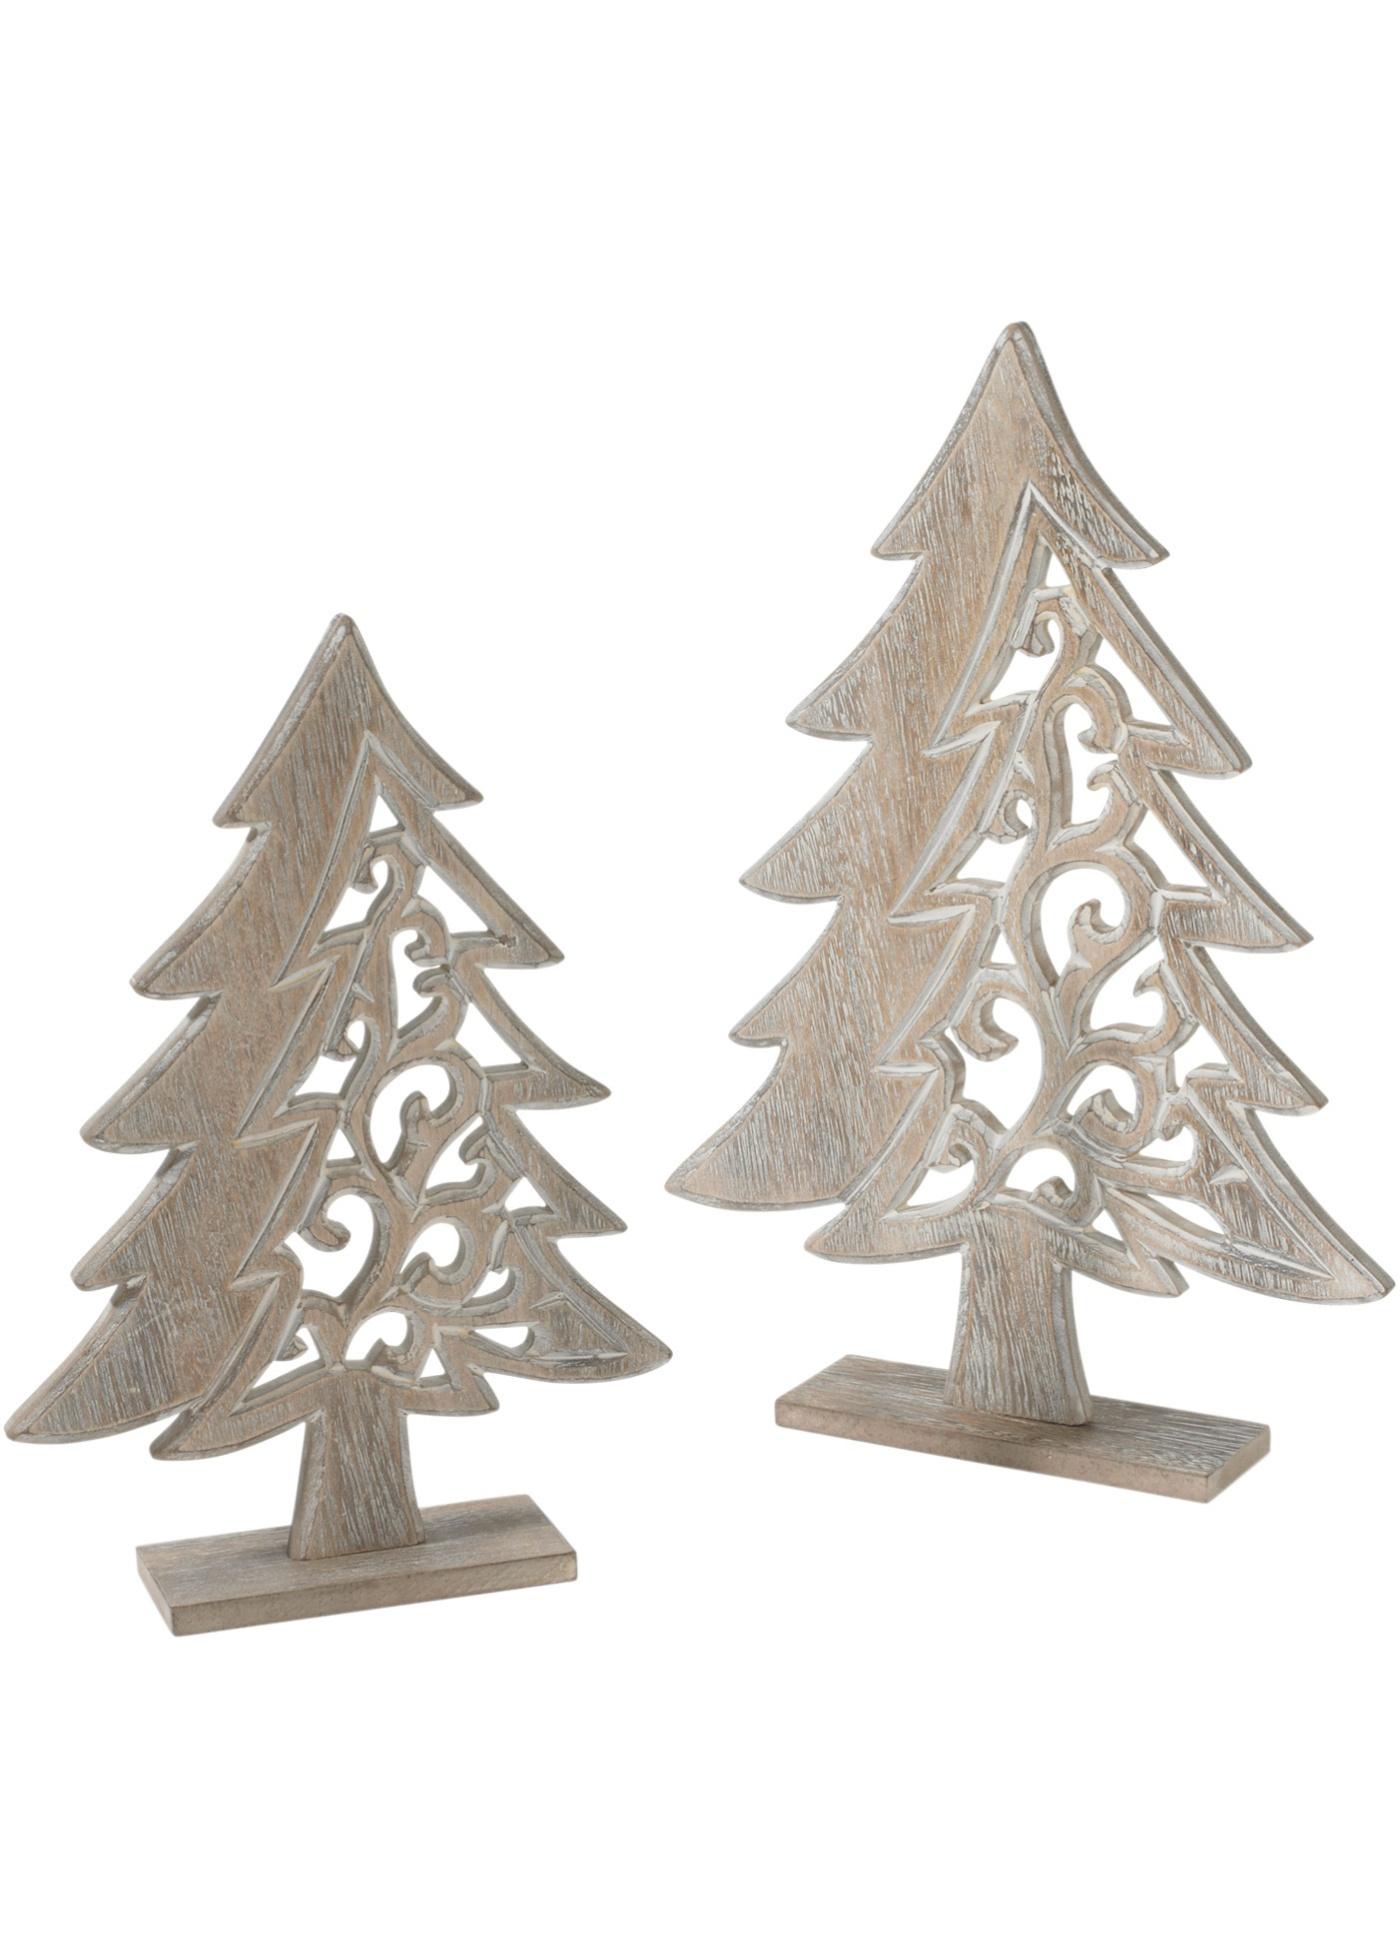 Vánoční dekorace Stromeček, ze dřeva, (2dílná souprava)